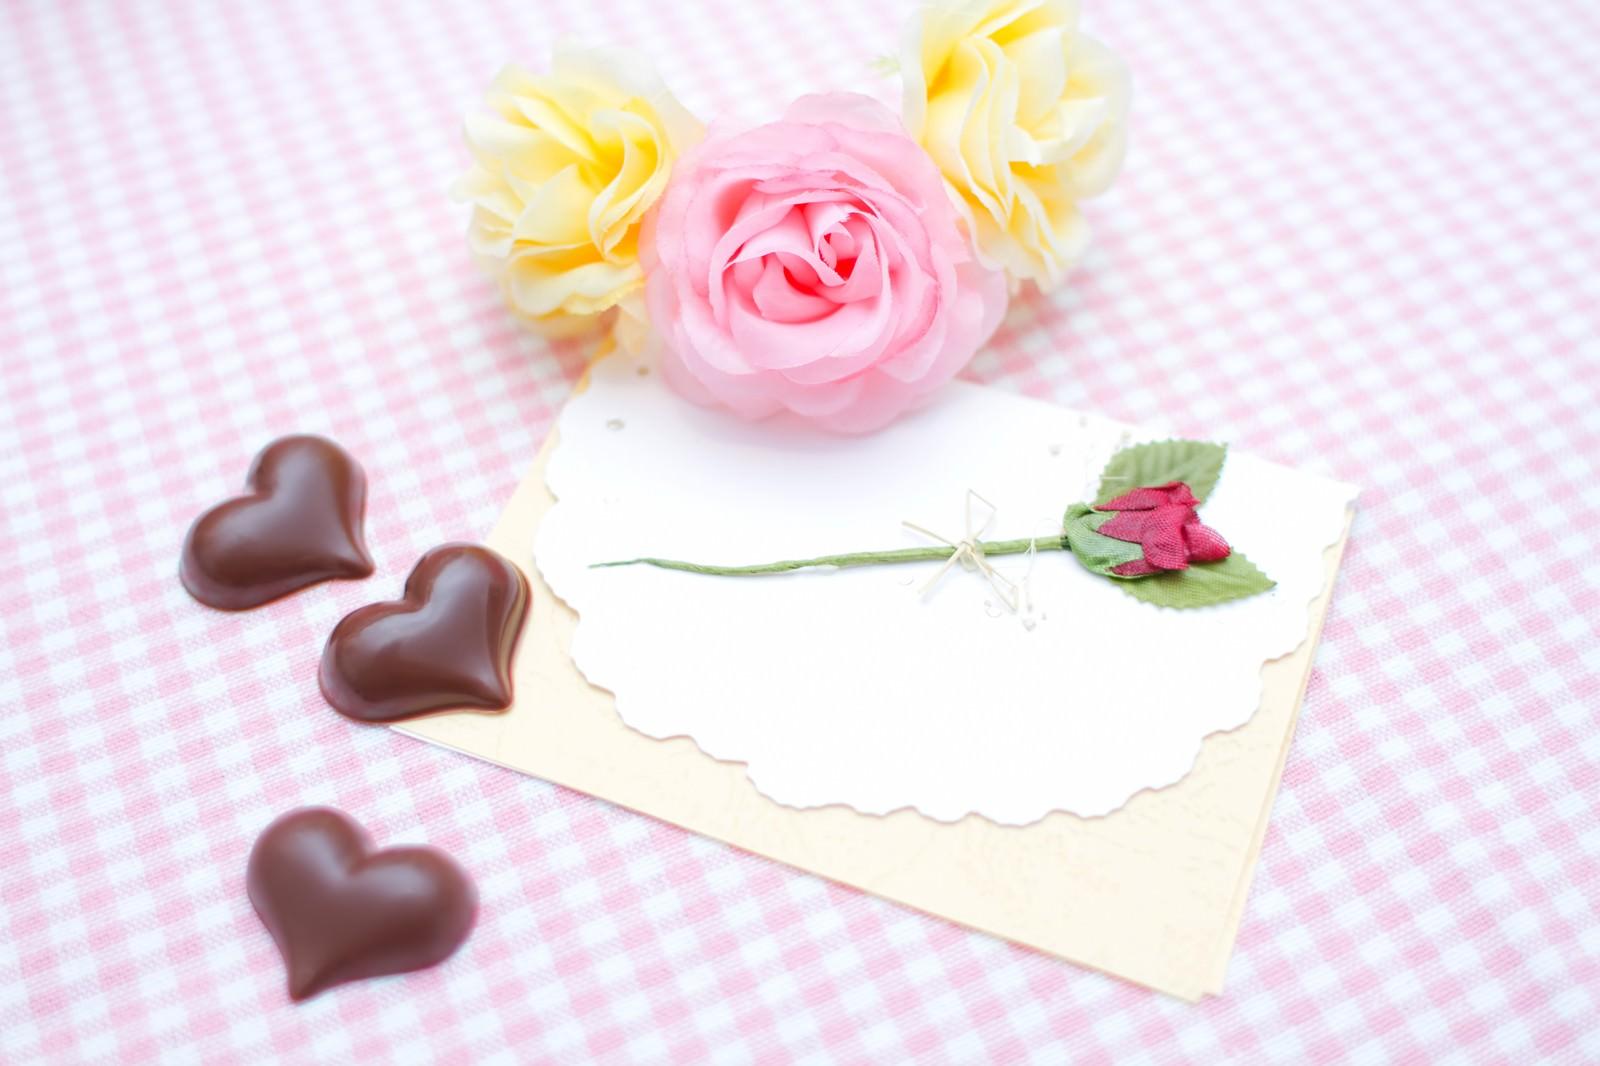 「薔薇の造花と手紙・ハート型のチョコ薔薇の造花と手紙・ハート型のチョコ」のフリー写真素材を拡大